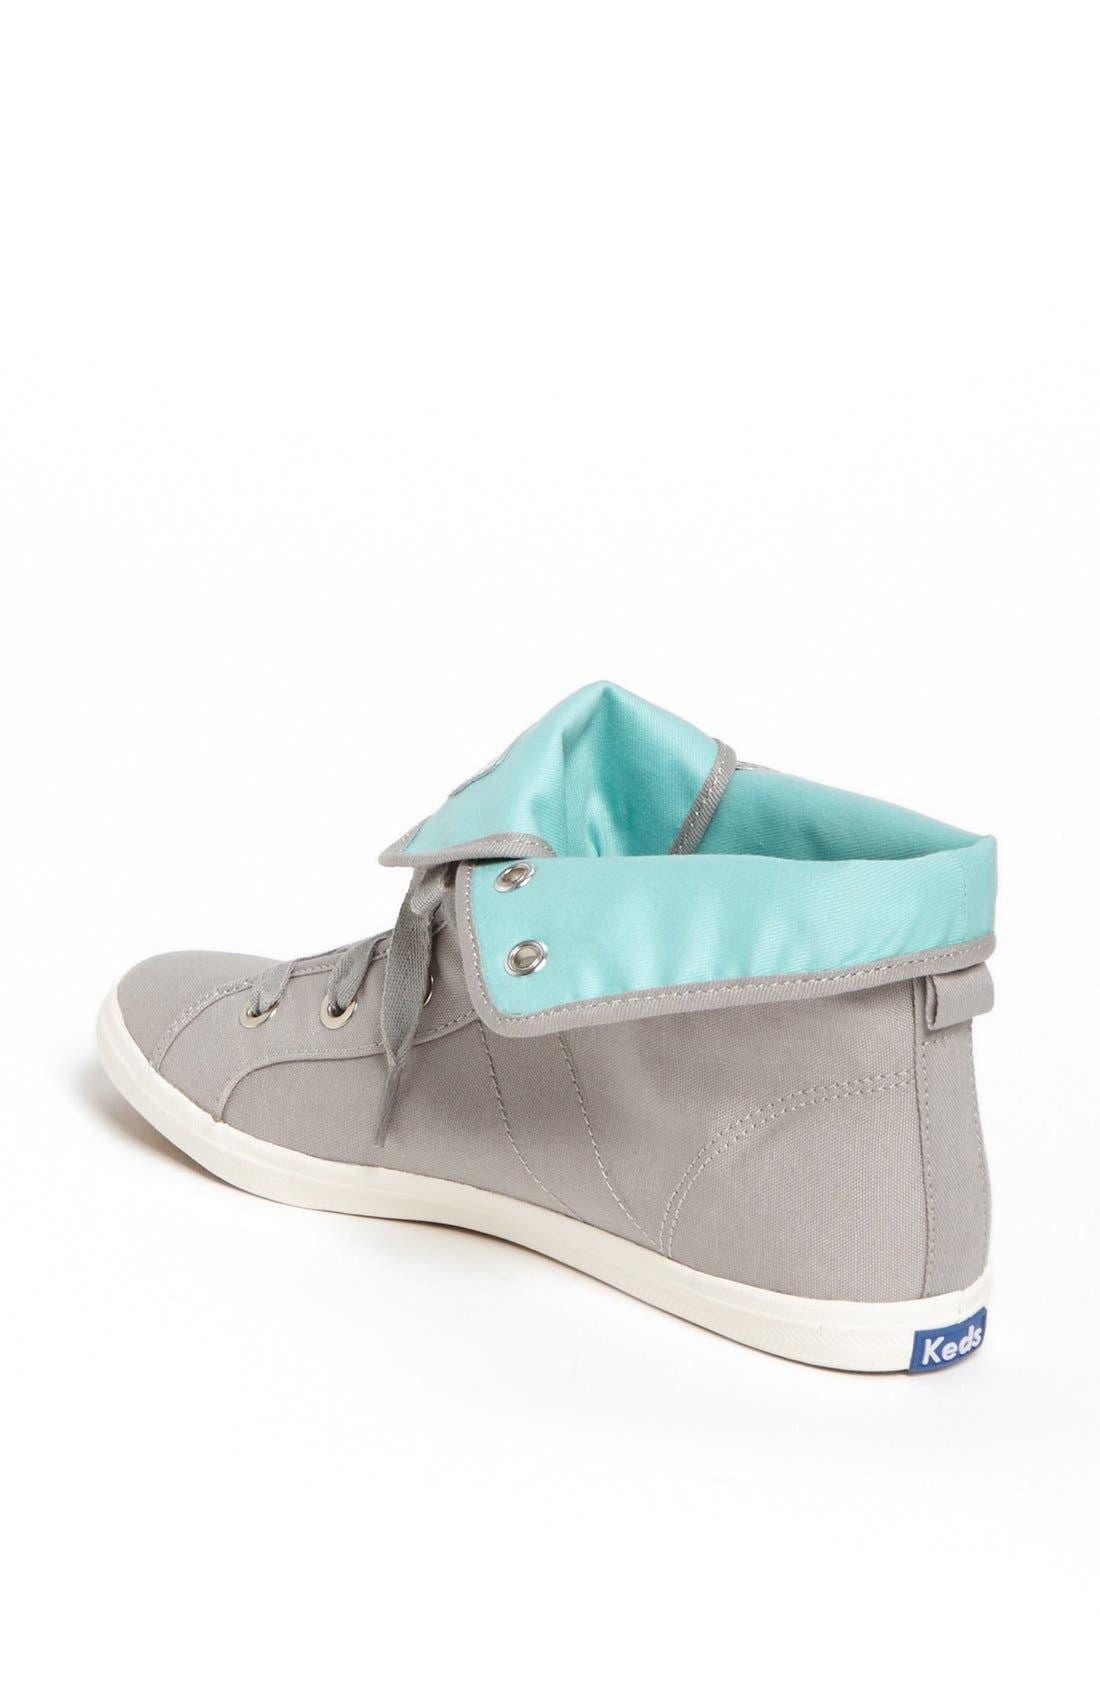 Alternate Image 2  - Keds® 'Rookie - Loop-De-Loop' High Top Sneaker (Women)